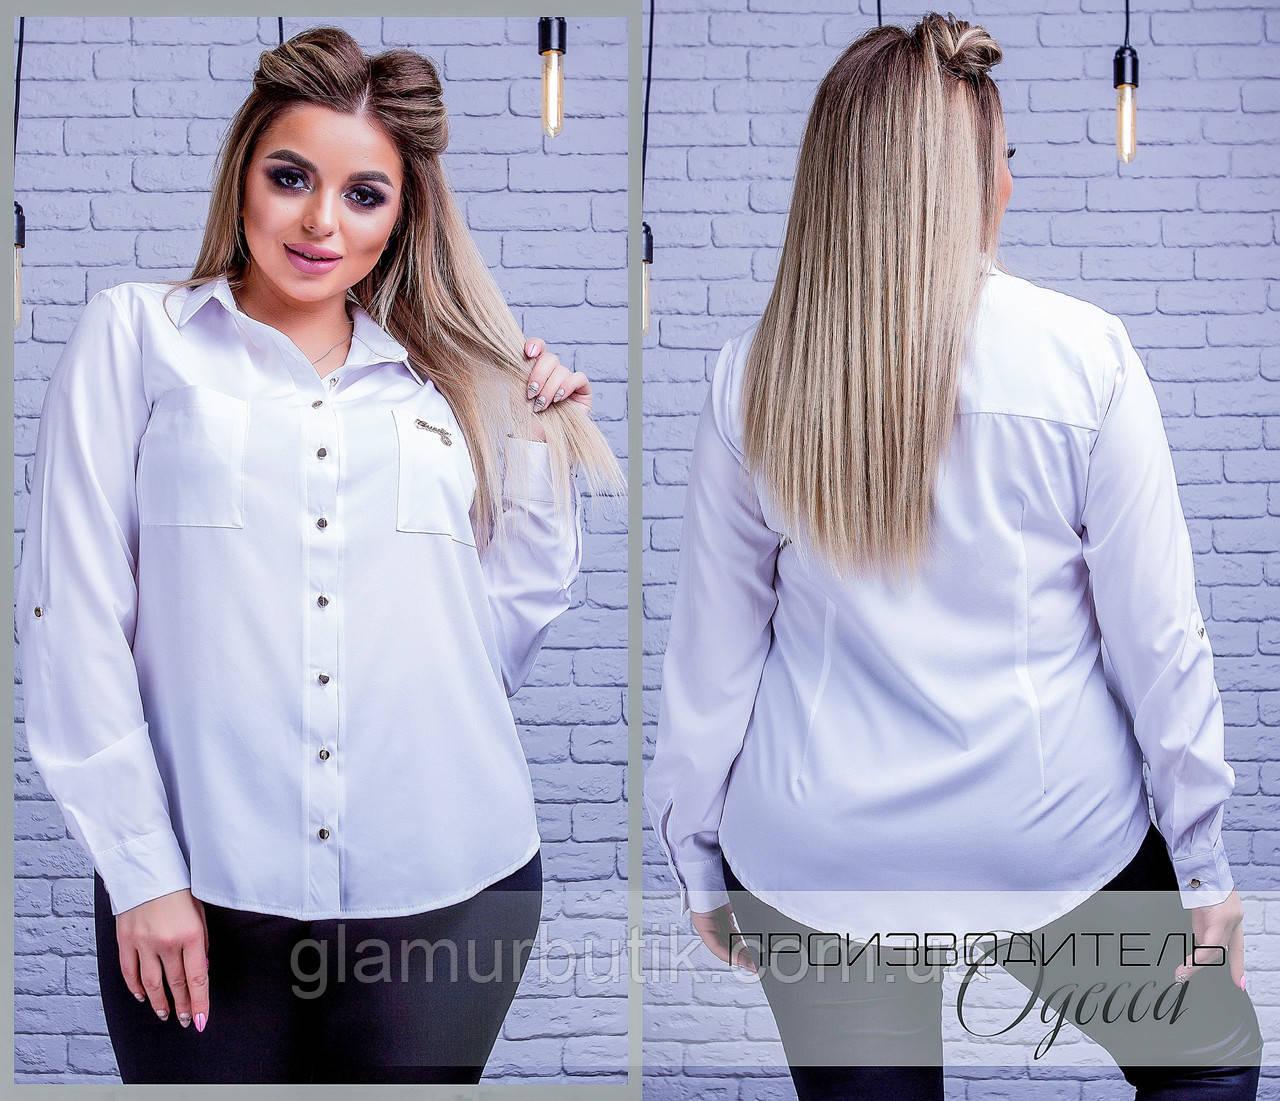 2c59c0d15b0 Классическая женская блузка с длинным рукавом и карманами белая 42 44 46 48  батал 50 52